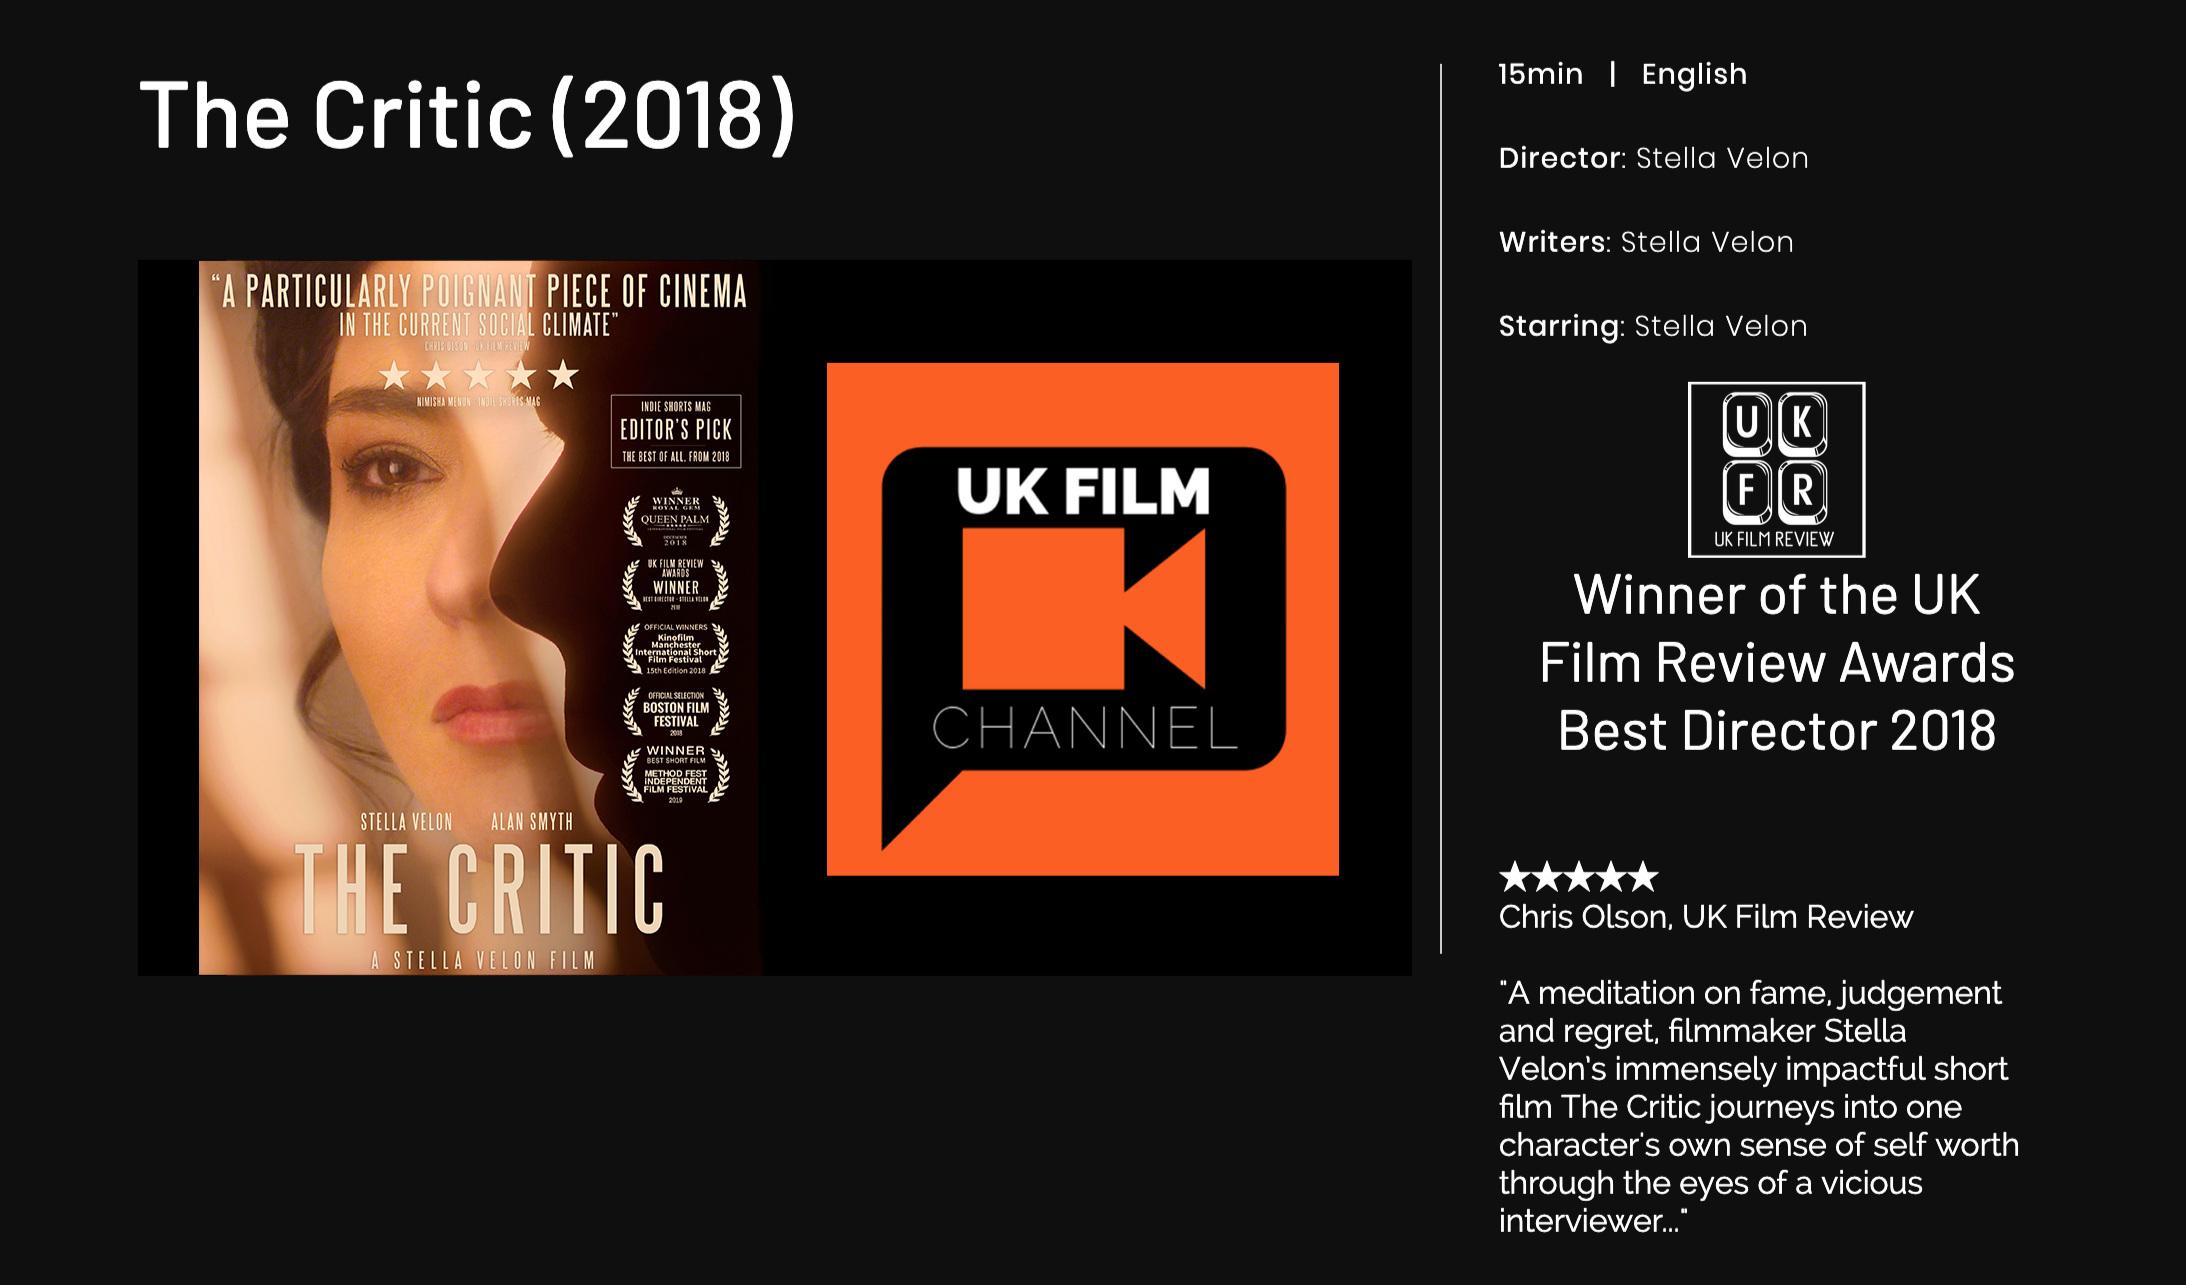 ukfilmchannel.co.uk/the-critic